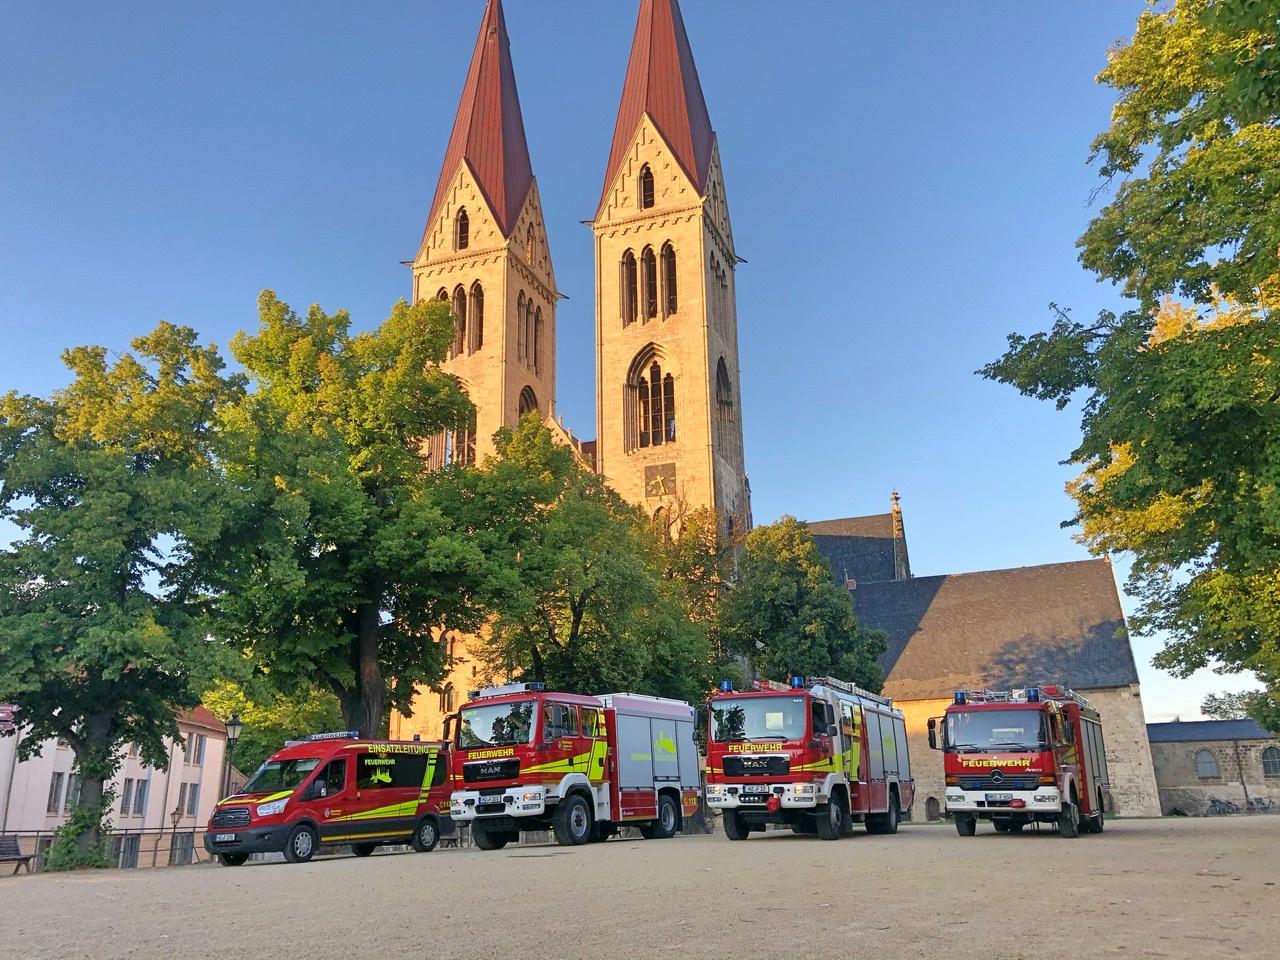 Operativ taktisches Studium (OTS) im Halberstädter Dom